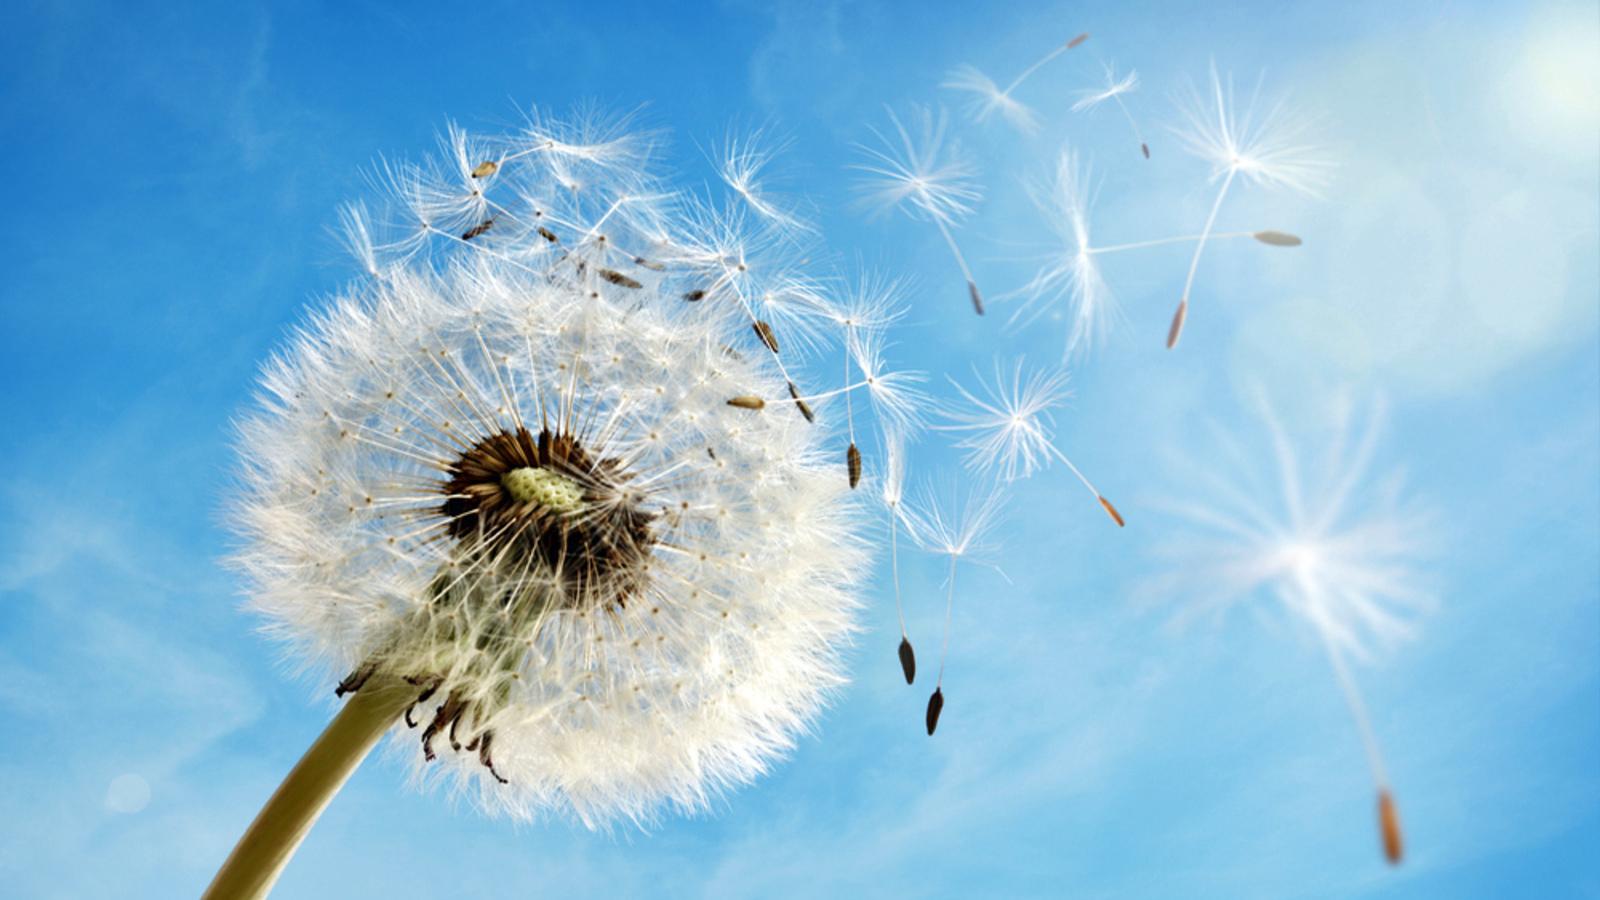 Hypnose-Fragen: Bild von Pusteblume deren Samen Richtung Himmel fliegen